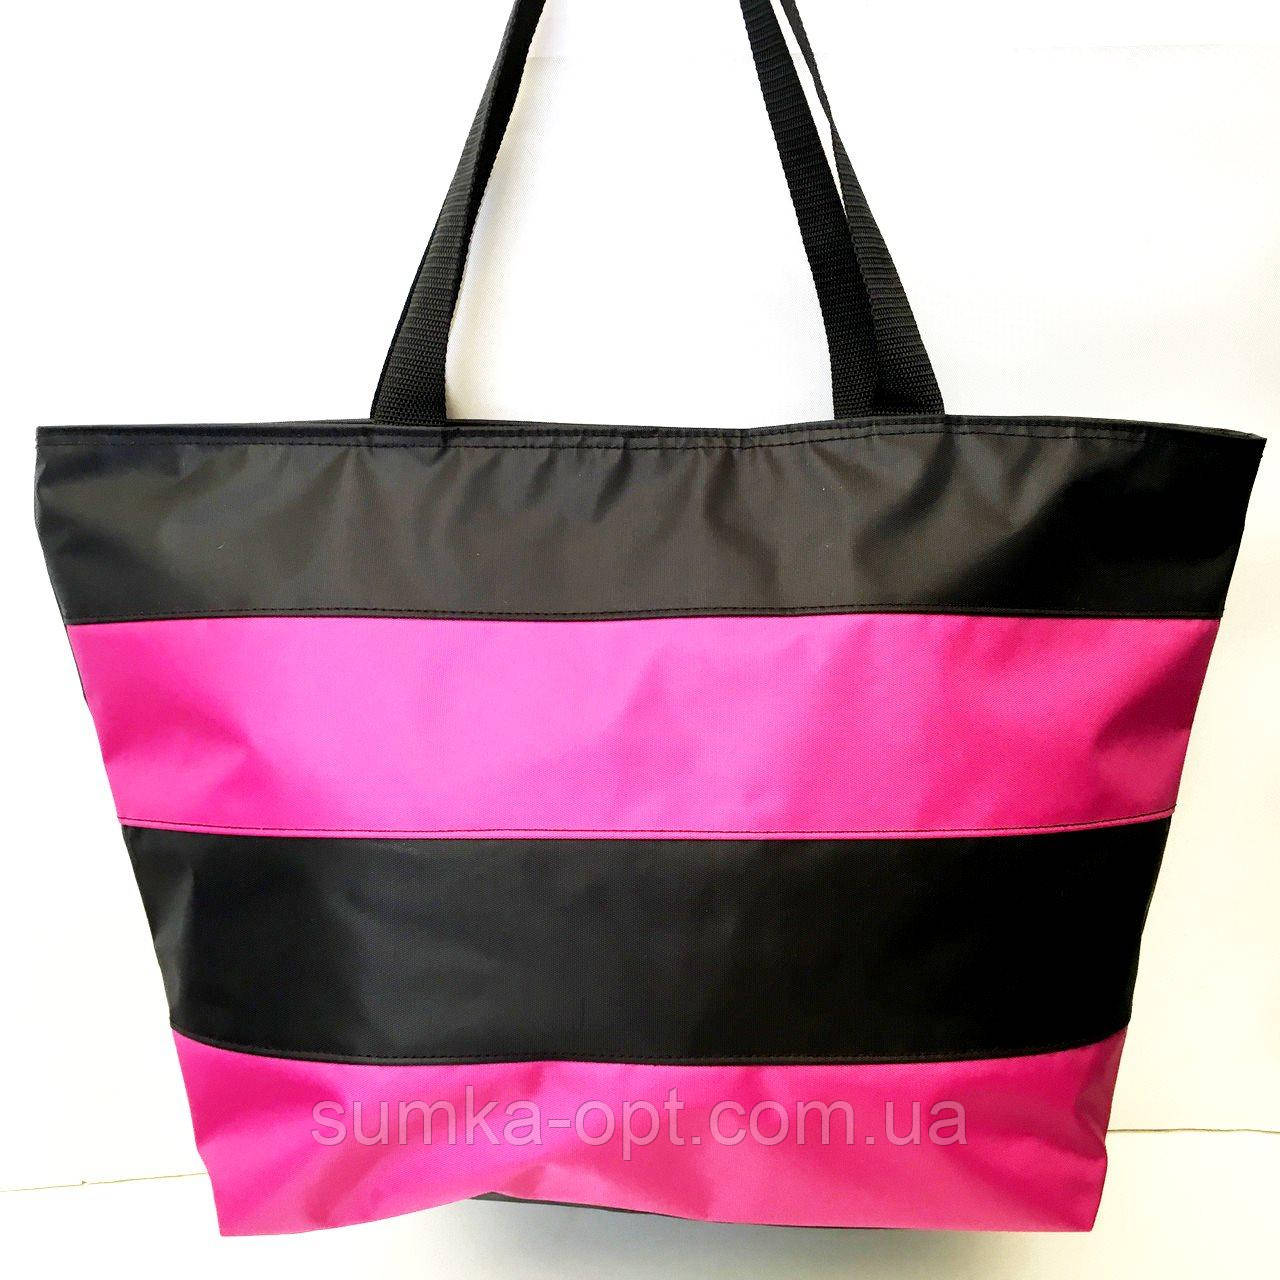 Универсальные сумки оптом для покупок(черный-фуксия)34*55см